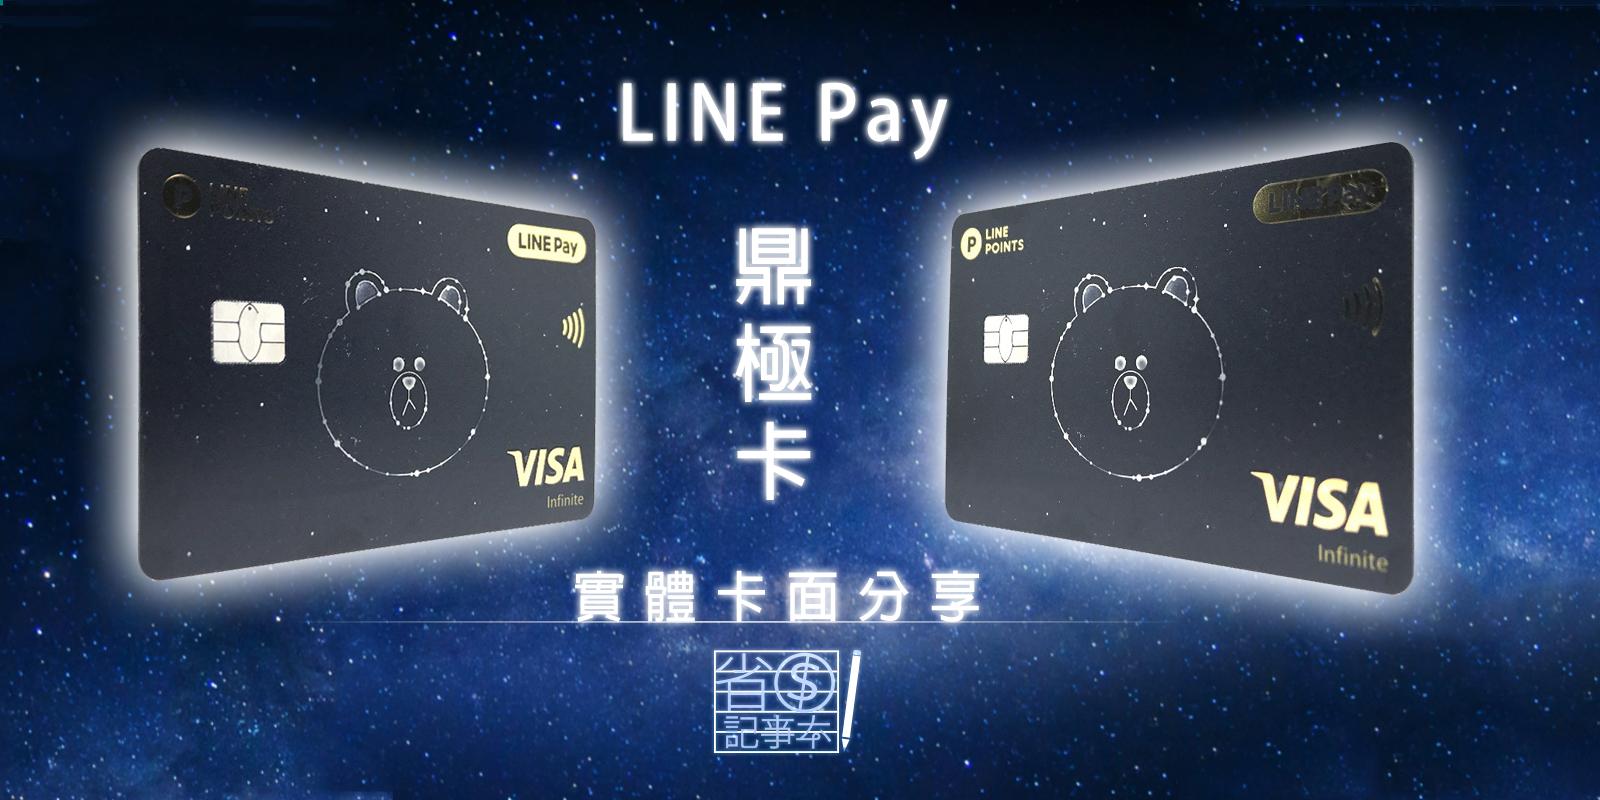 【分享文】中國信託LINE PAY鼎極卡 卡面分享 卡優新聞網